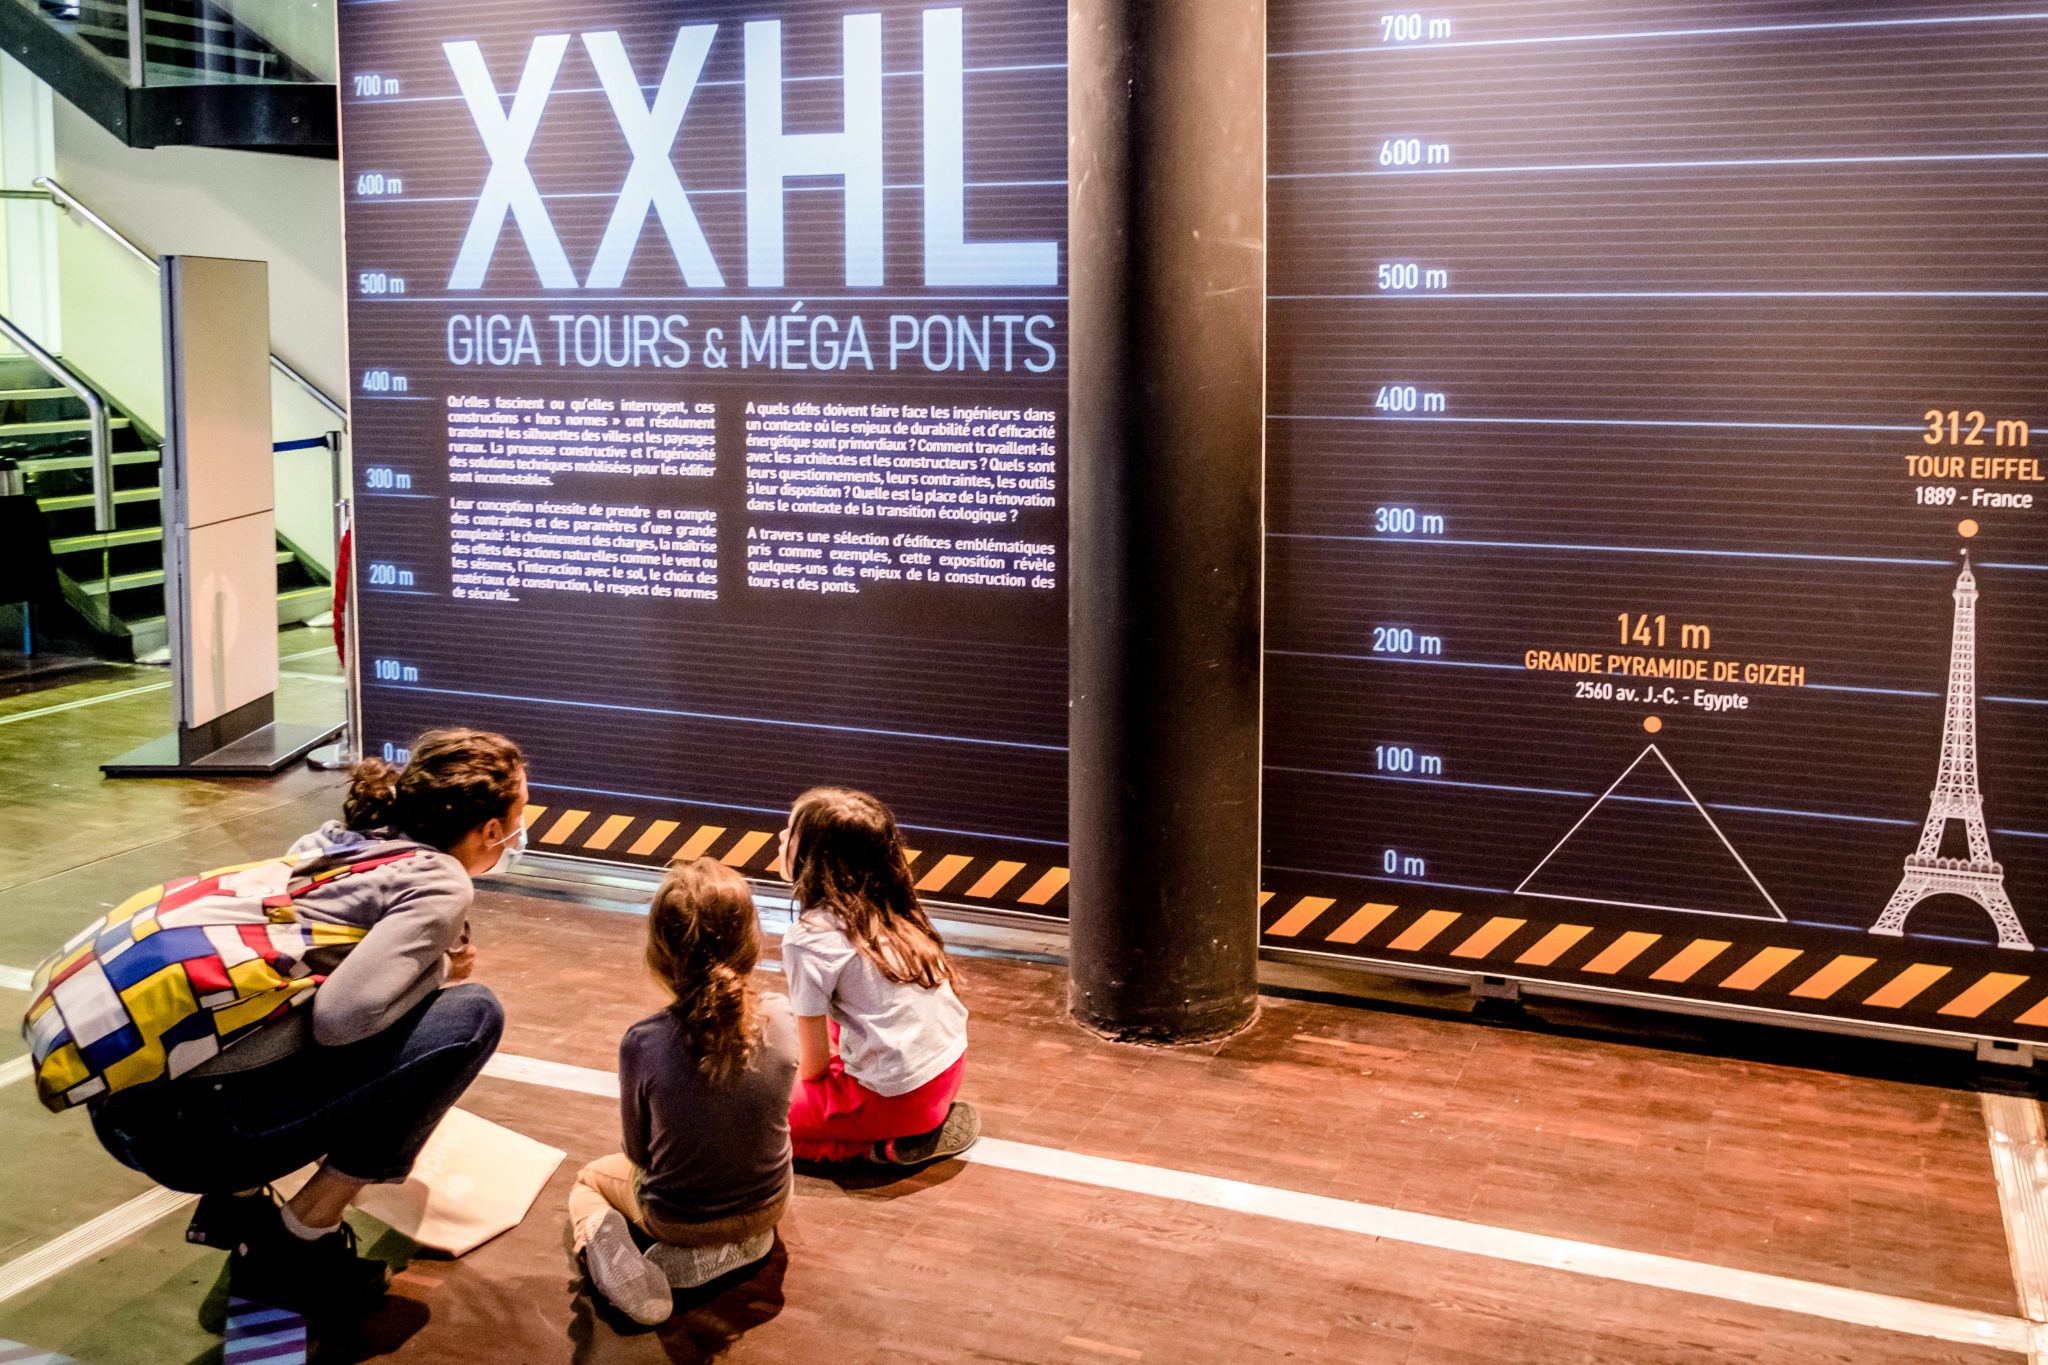 Exposition XXHL, giga tours et méga ponts, à la Cité des sciences et de l'industrie